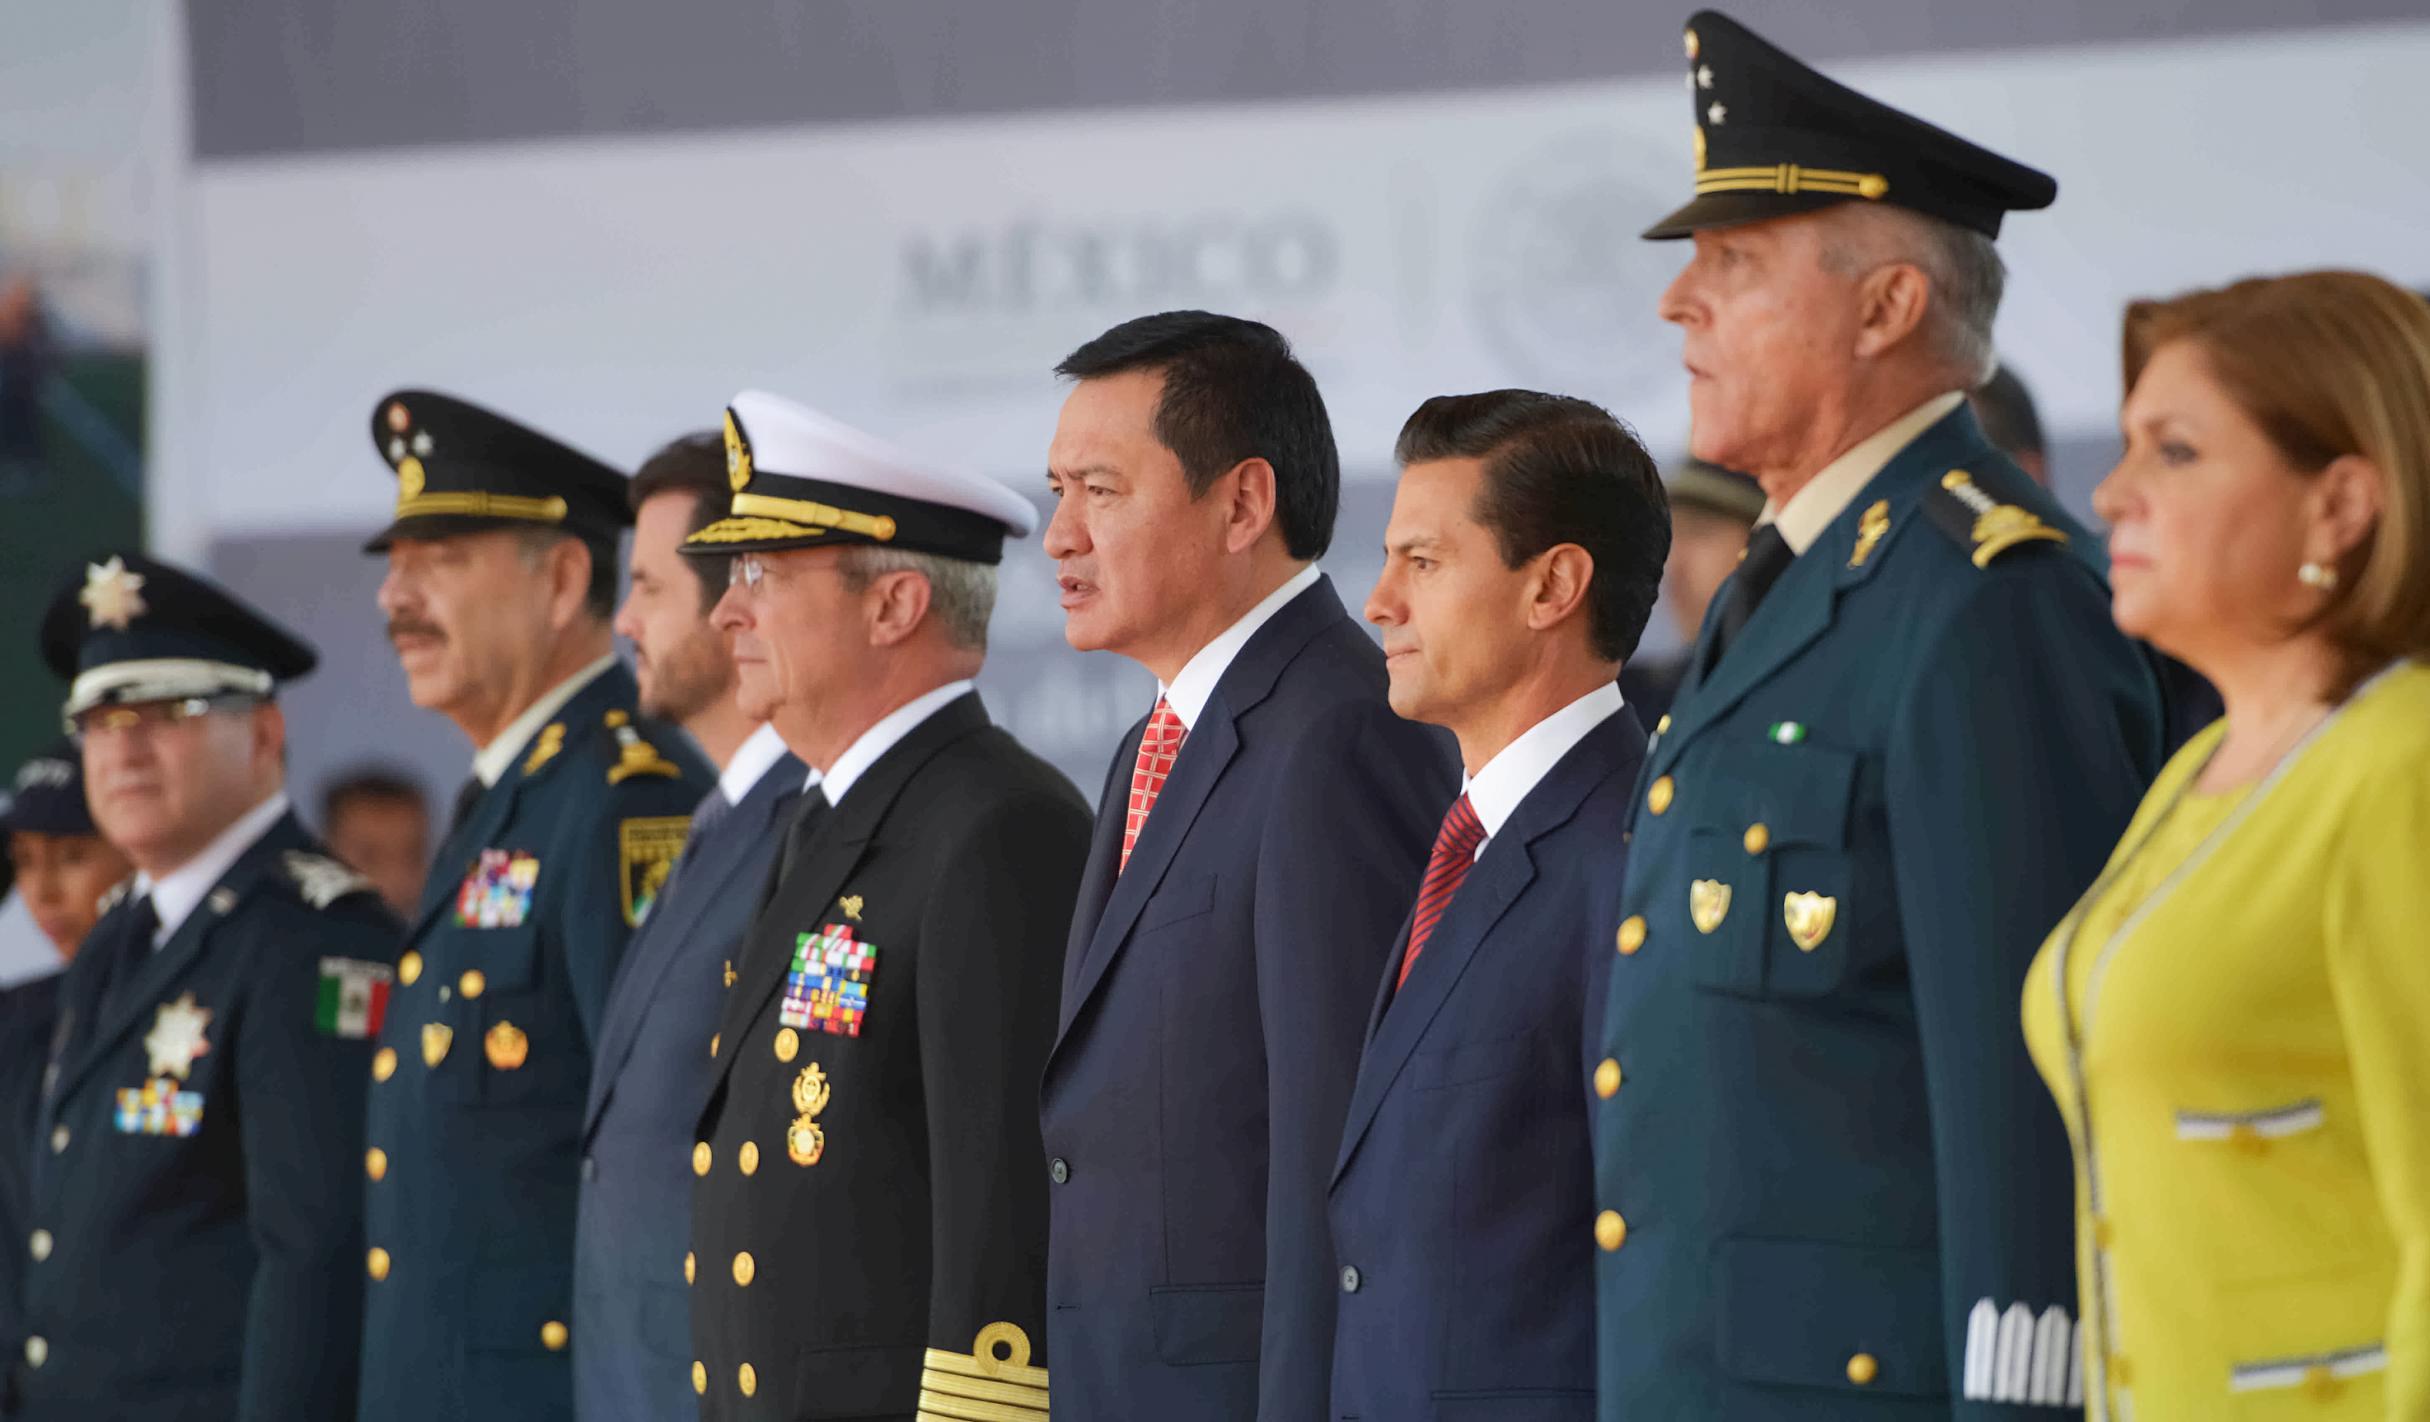 El Primer Mandatario encabezó la conmemoración del Día del Policía Federal y el 88 Aniversario de esa corporación policiaca.